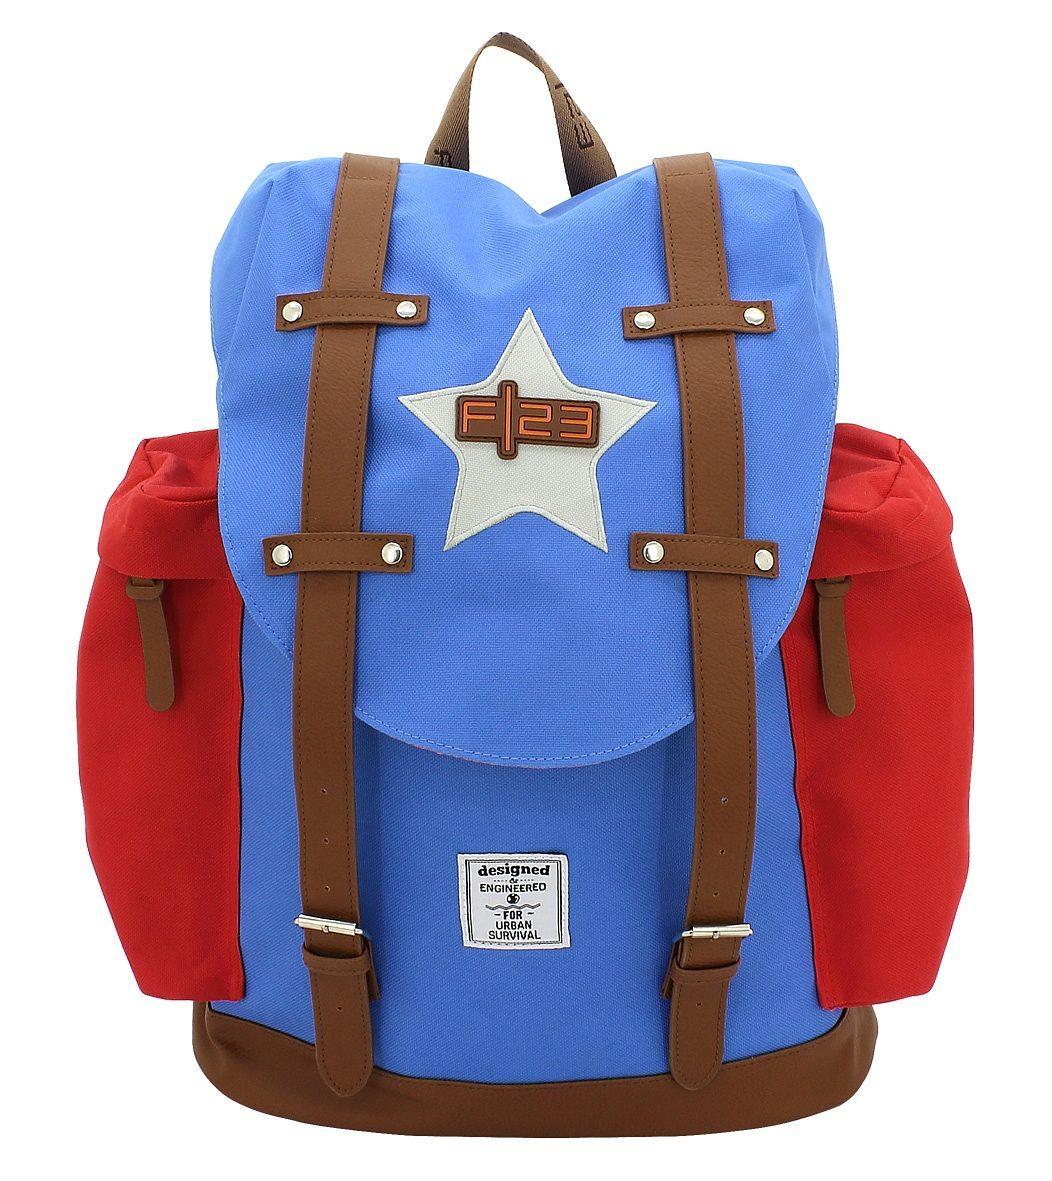 F23™, Rucksack mit gepolstertem Laptopfach, »Star«